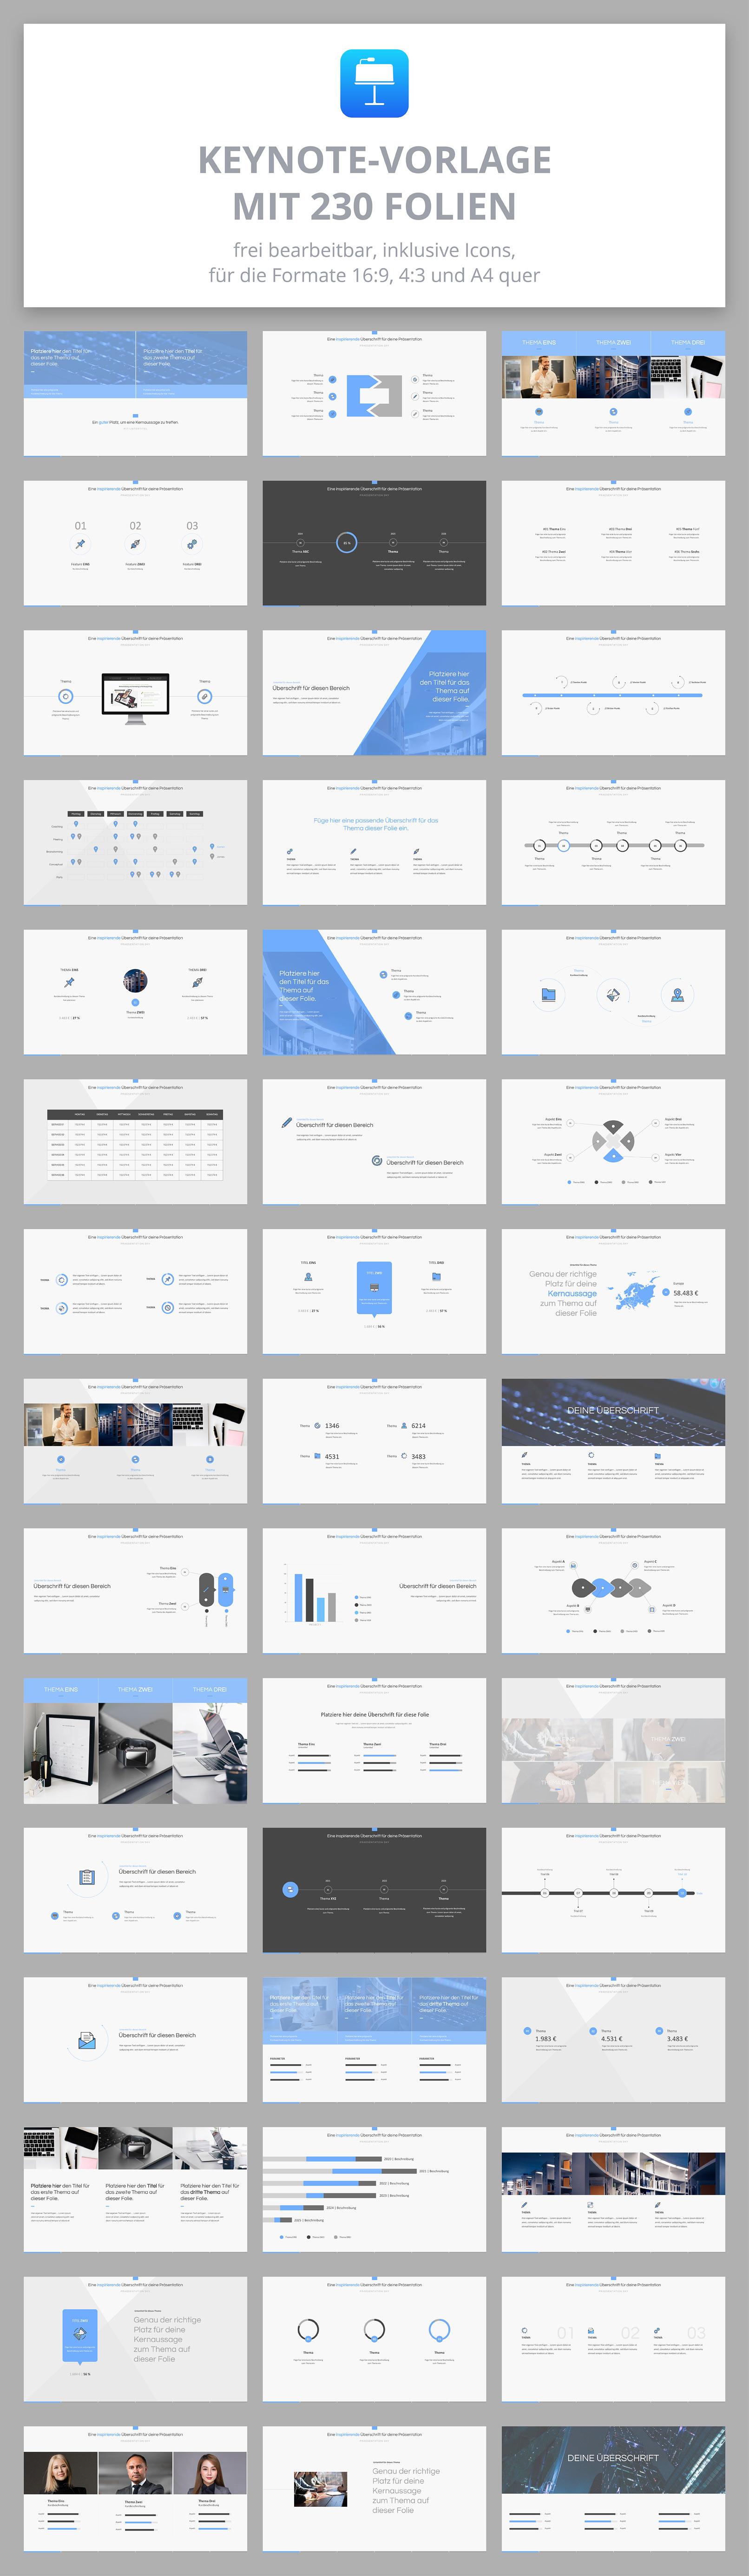 Vorlage für Keynote-Präsentationen: Beispiel-Folien mit verschiedenen Layouts